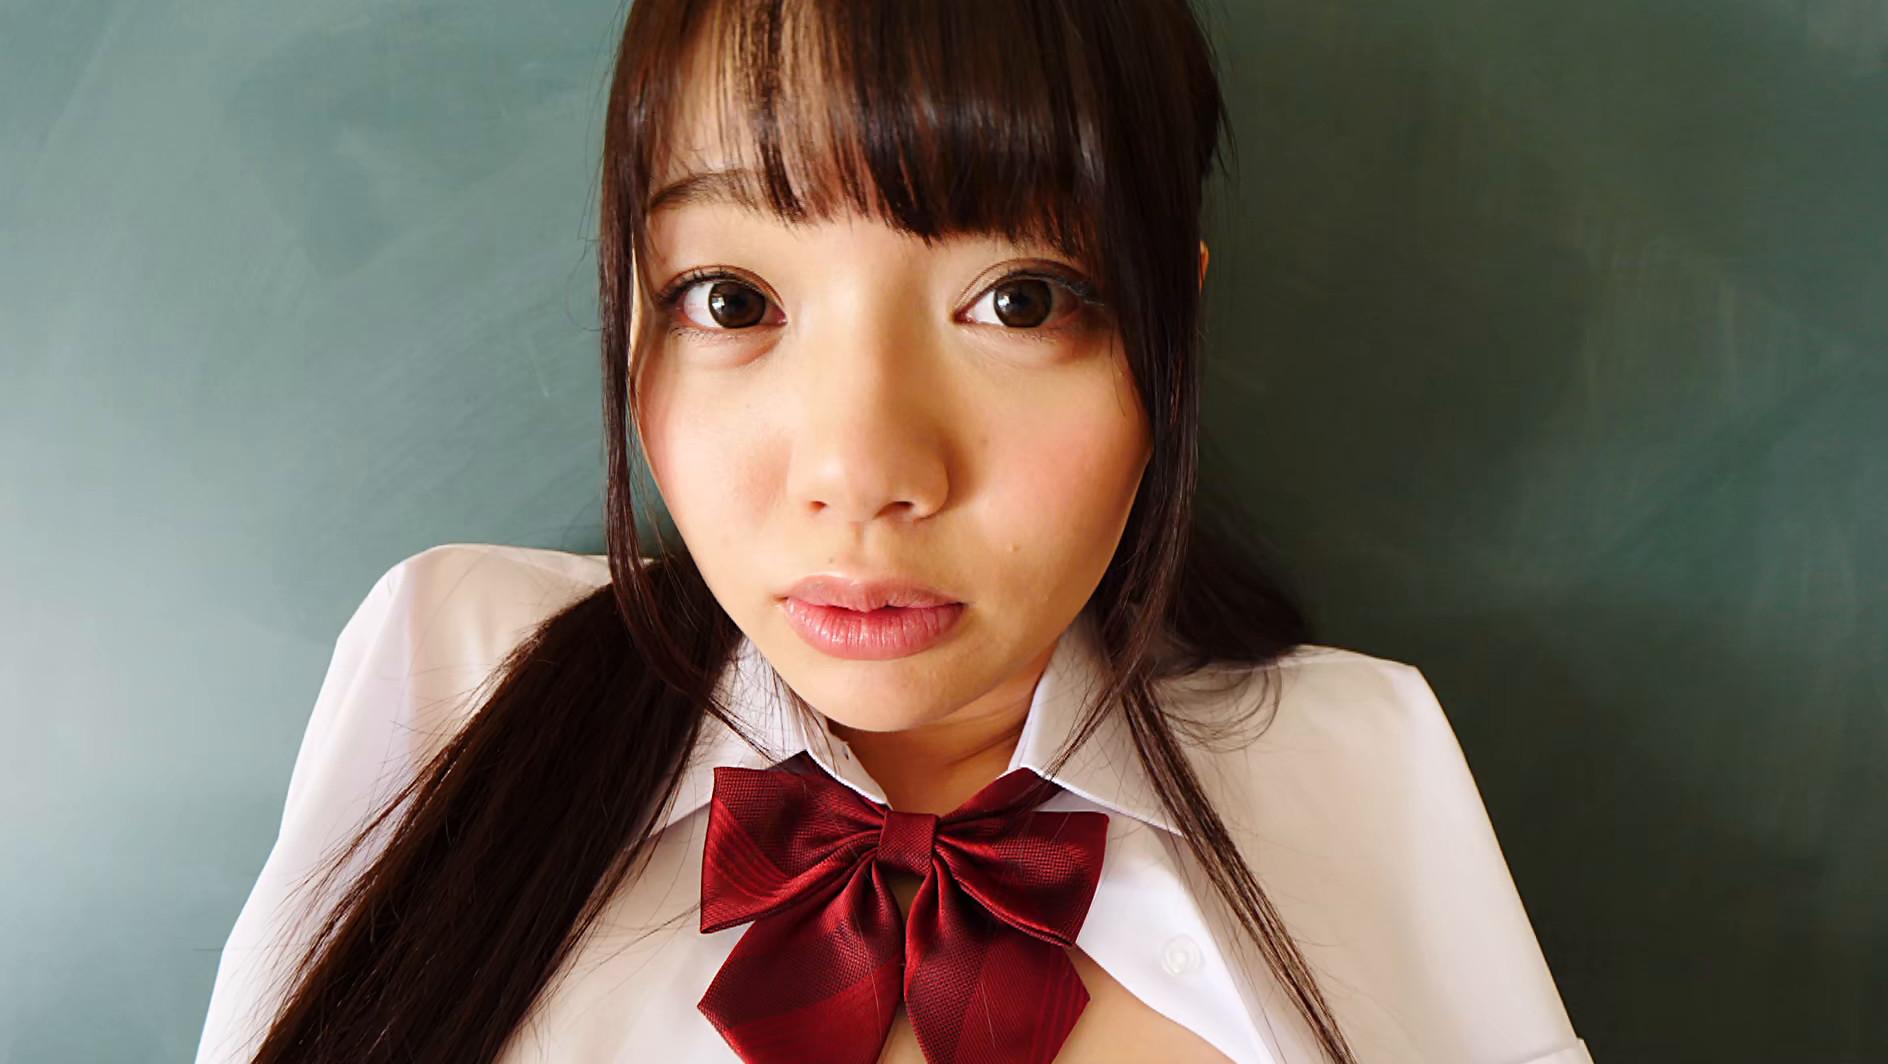 黒髪美少女は純真華憐 斎藤まりな 画像4